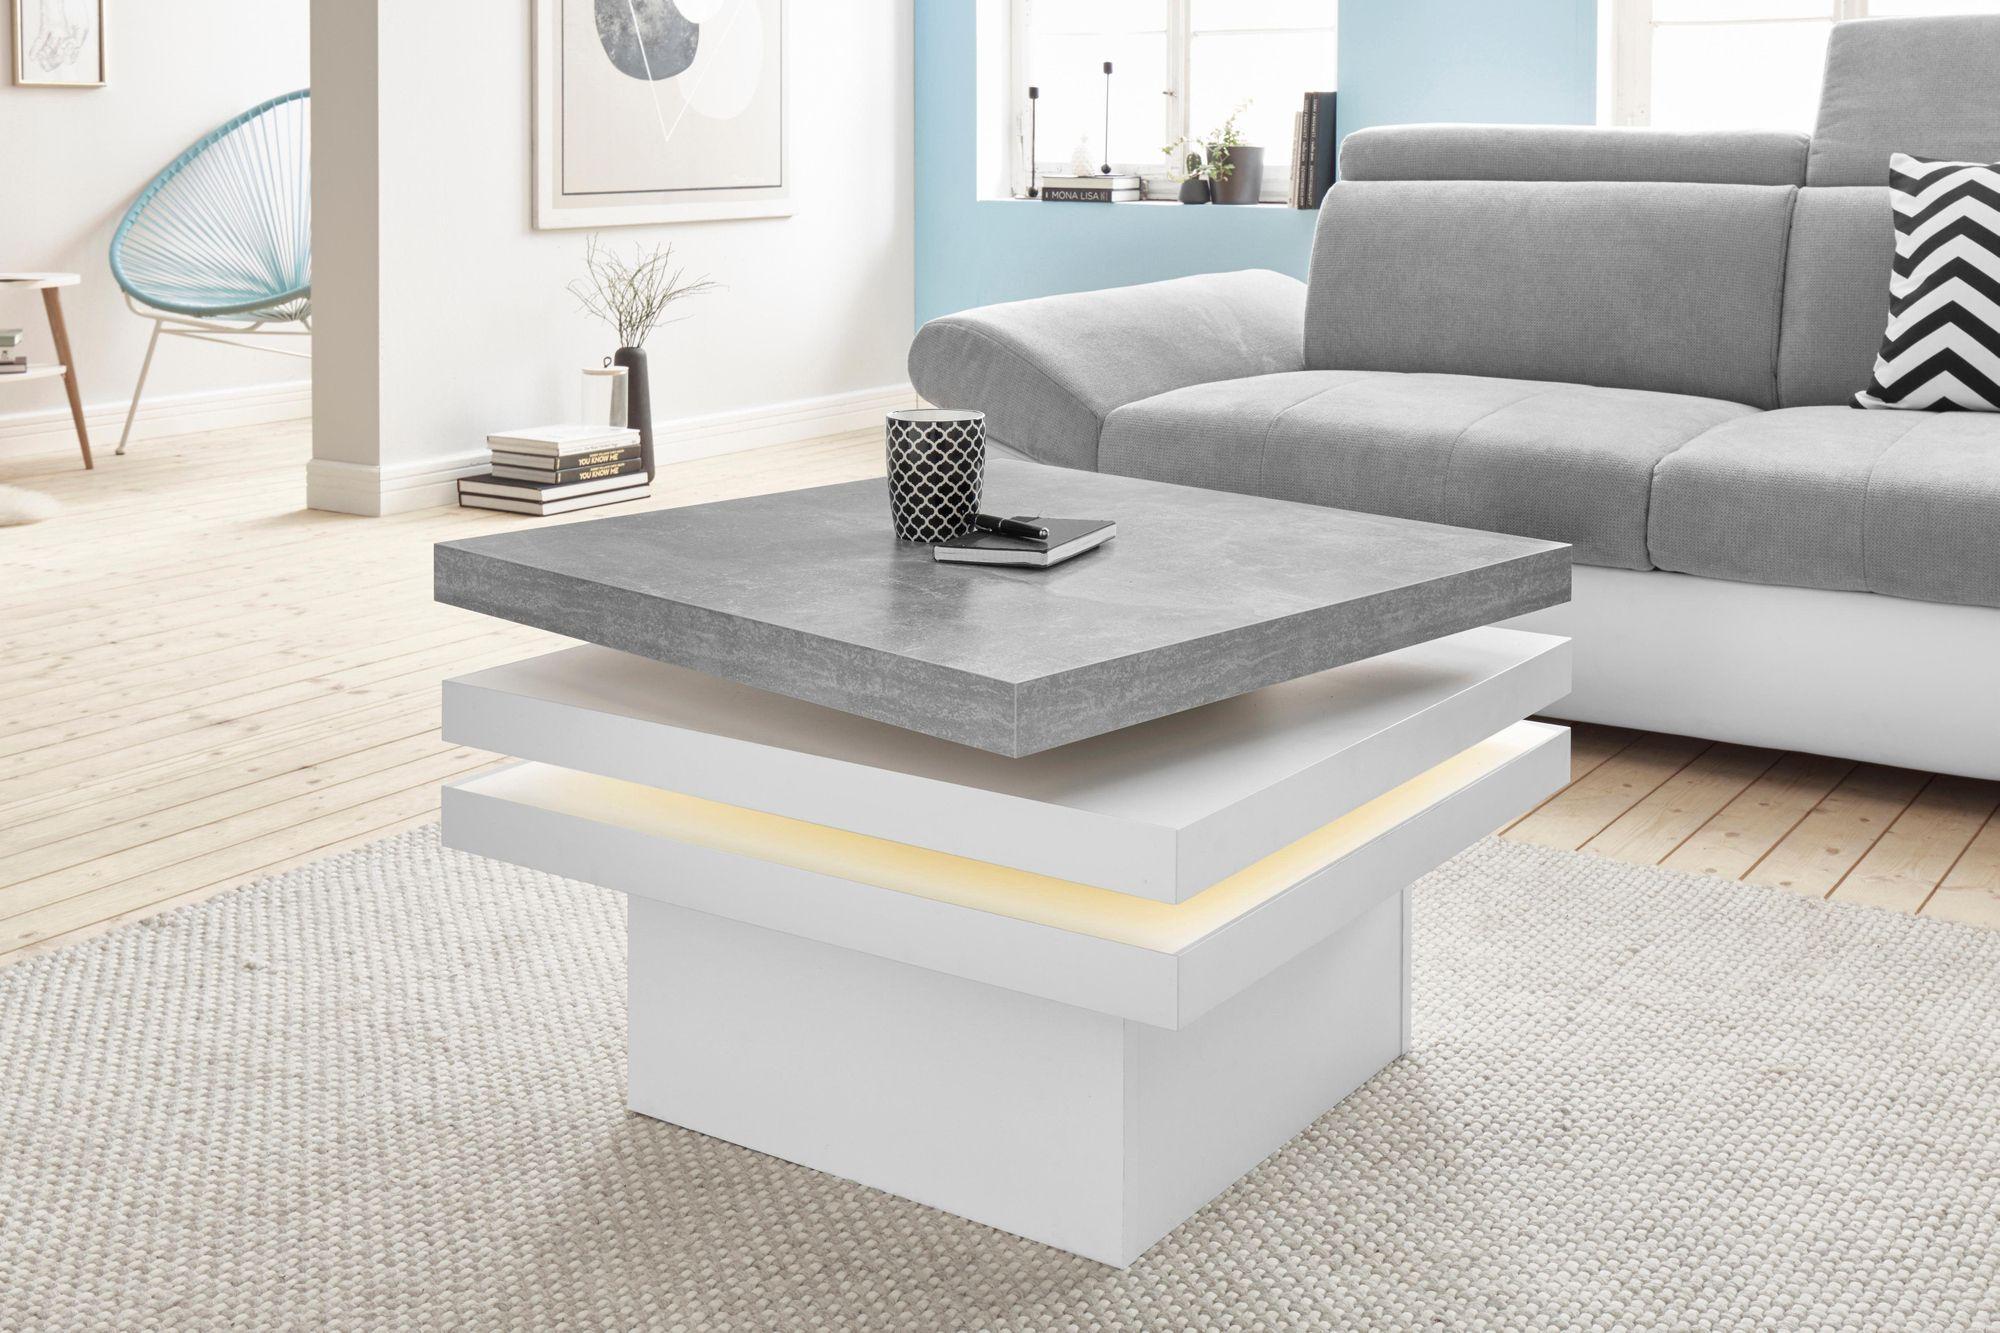 Raum Id Couchtisch Mit Funktion Drehbare Tischplatte Mit Led